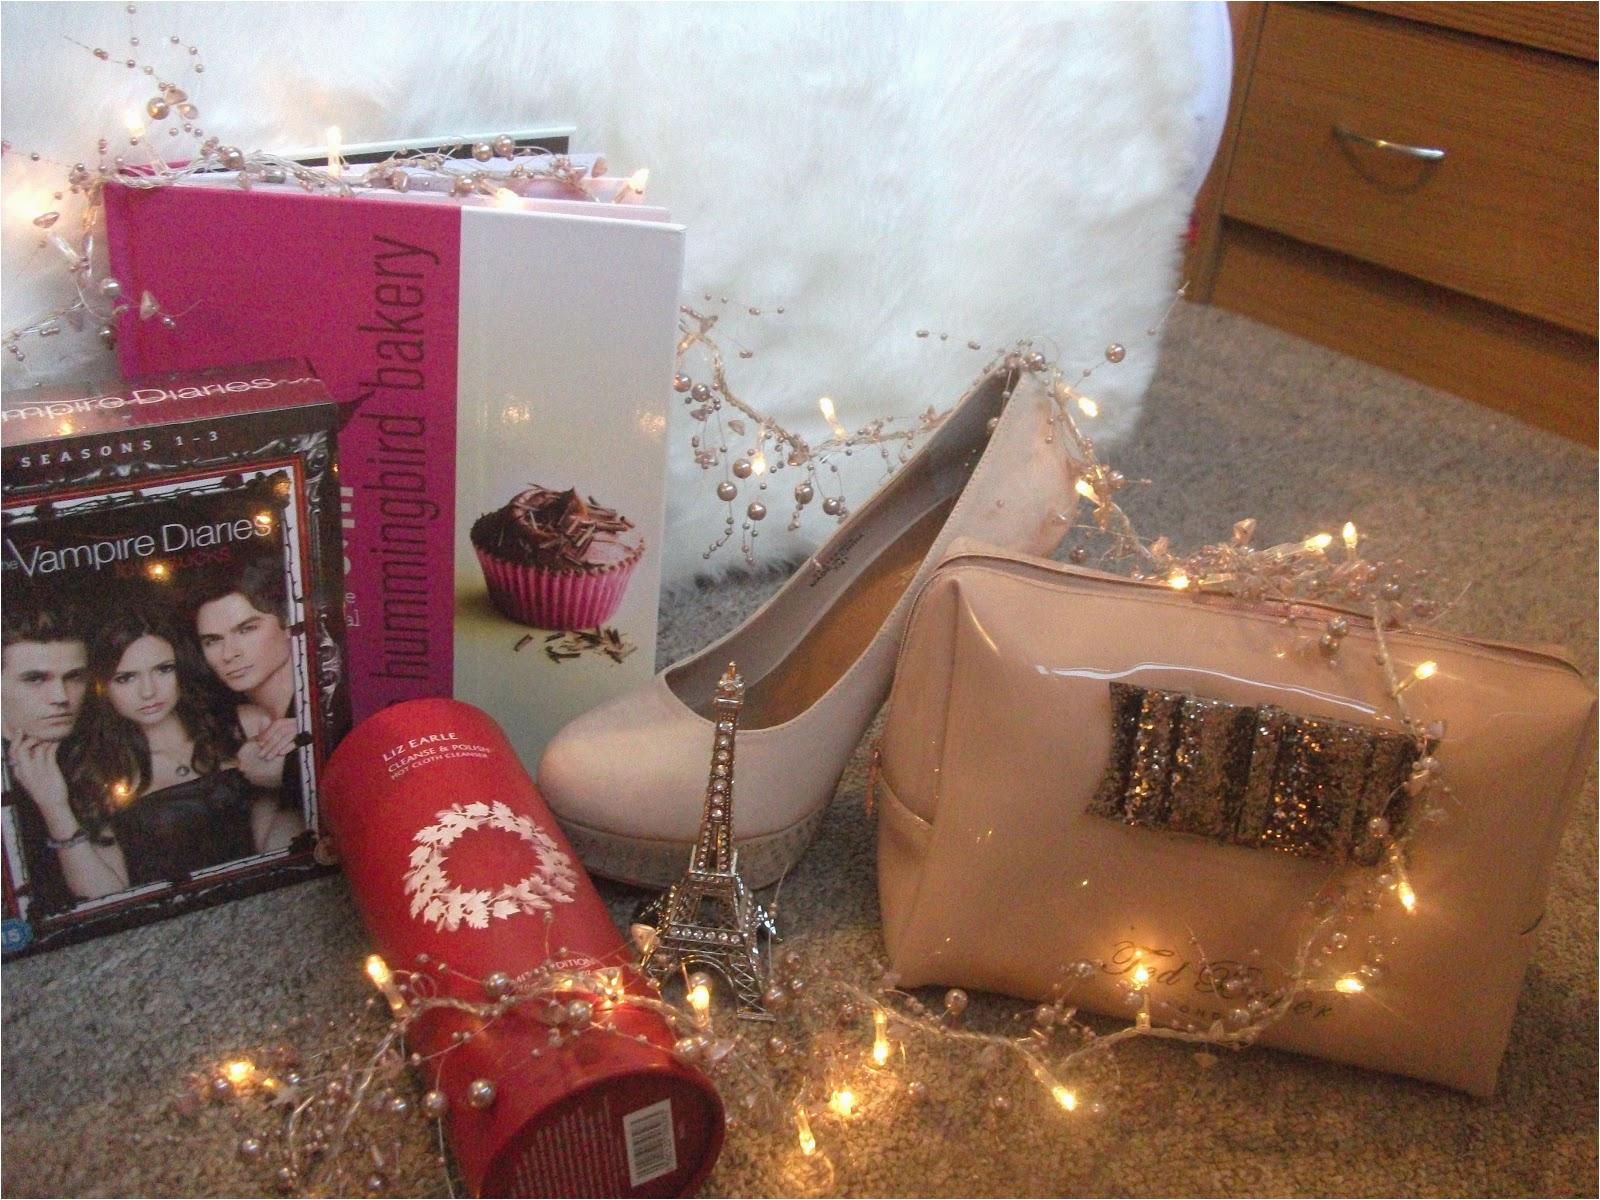 gift ideas for my boyfriend 19th